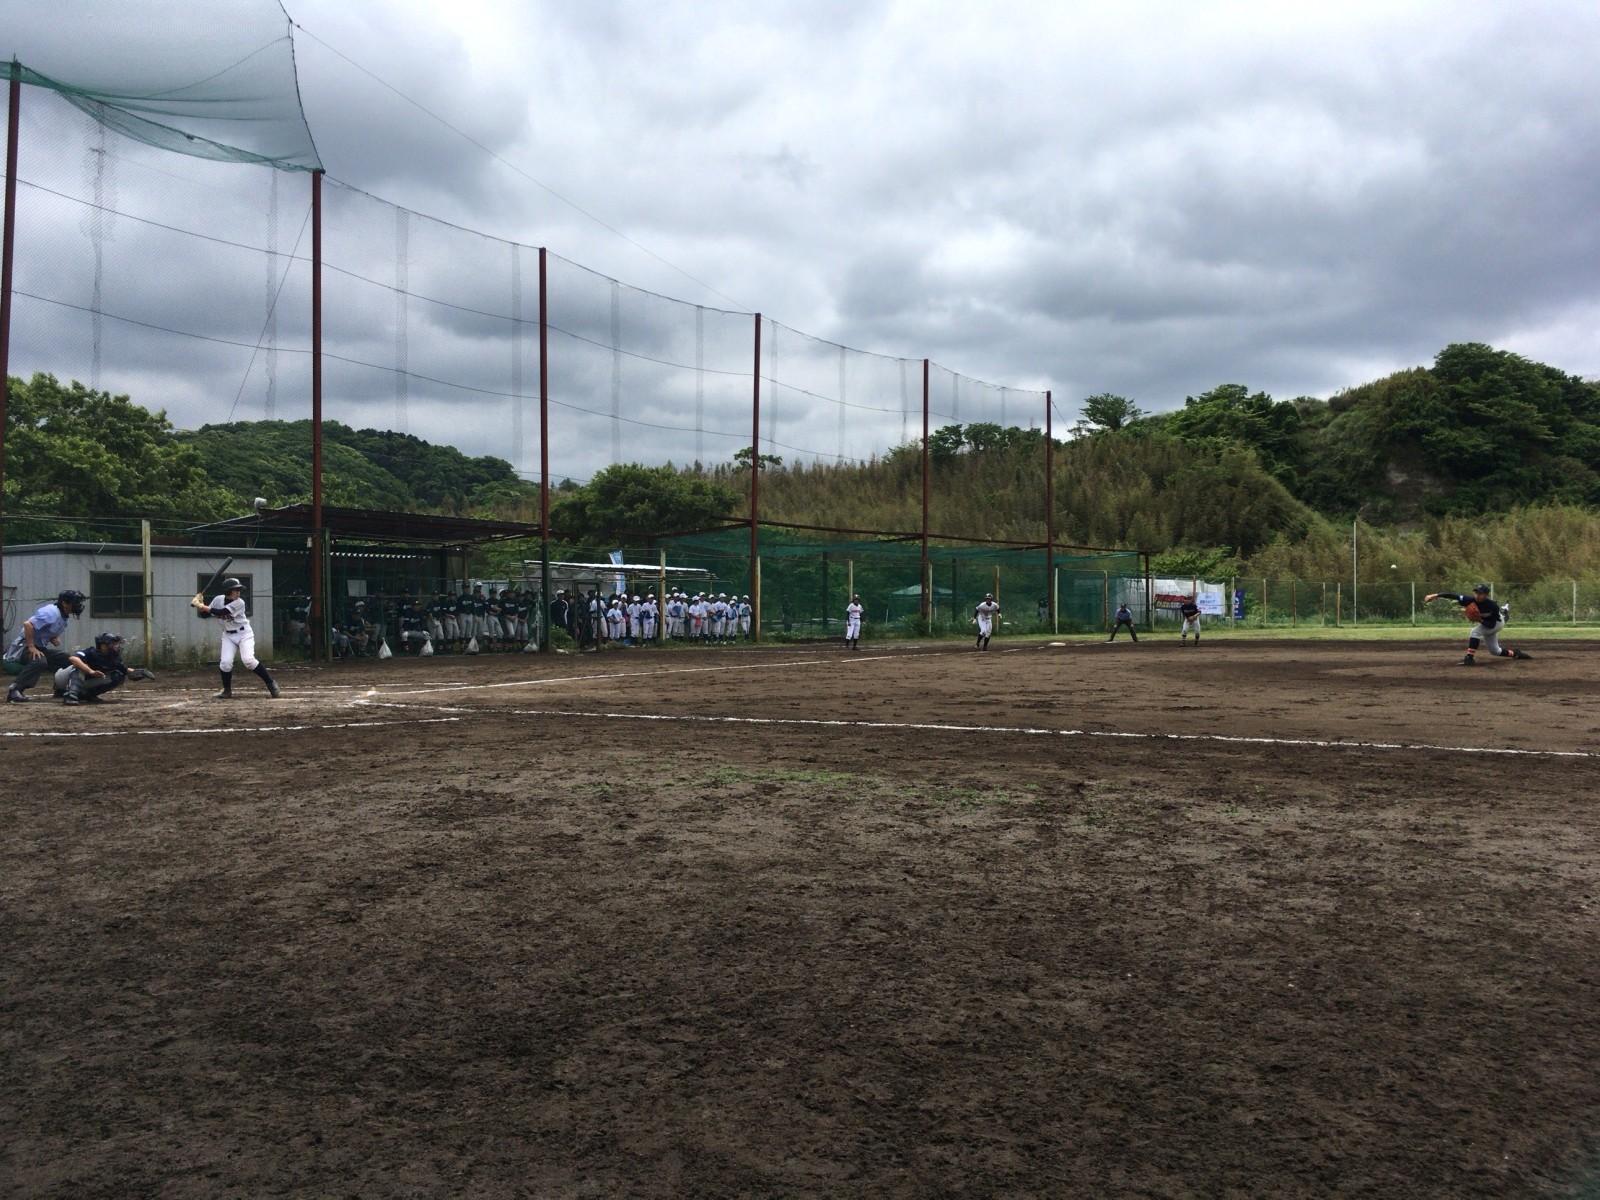 2017.05.14 2017関東連盟夏季大会 1回戦 横浜南リトルシニア戦